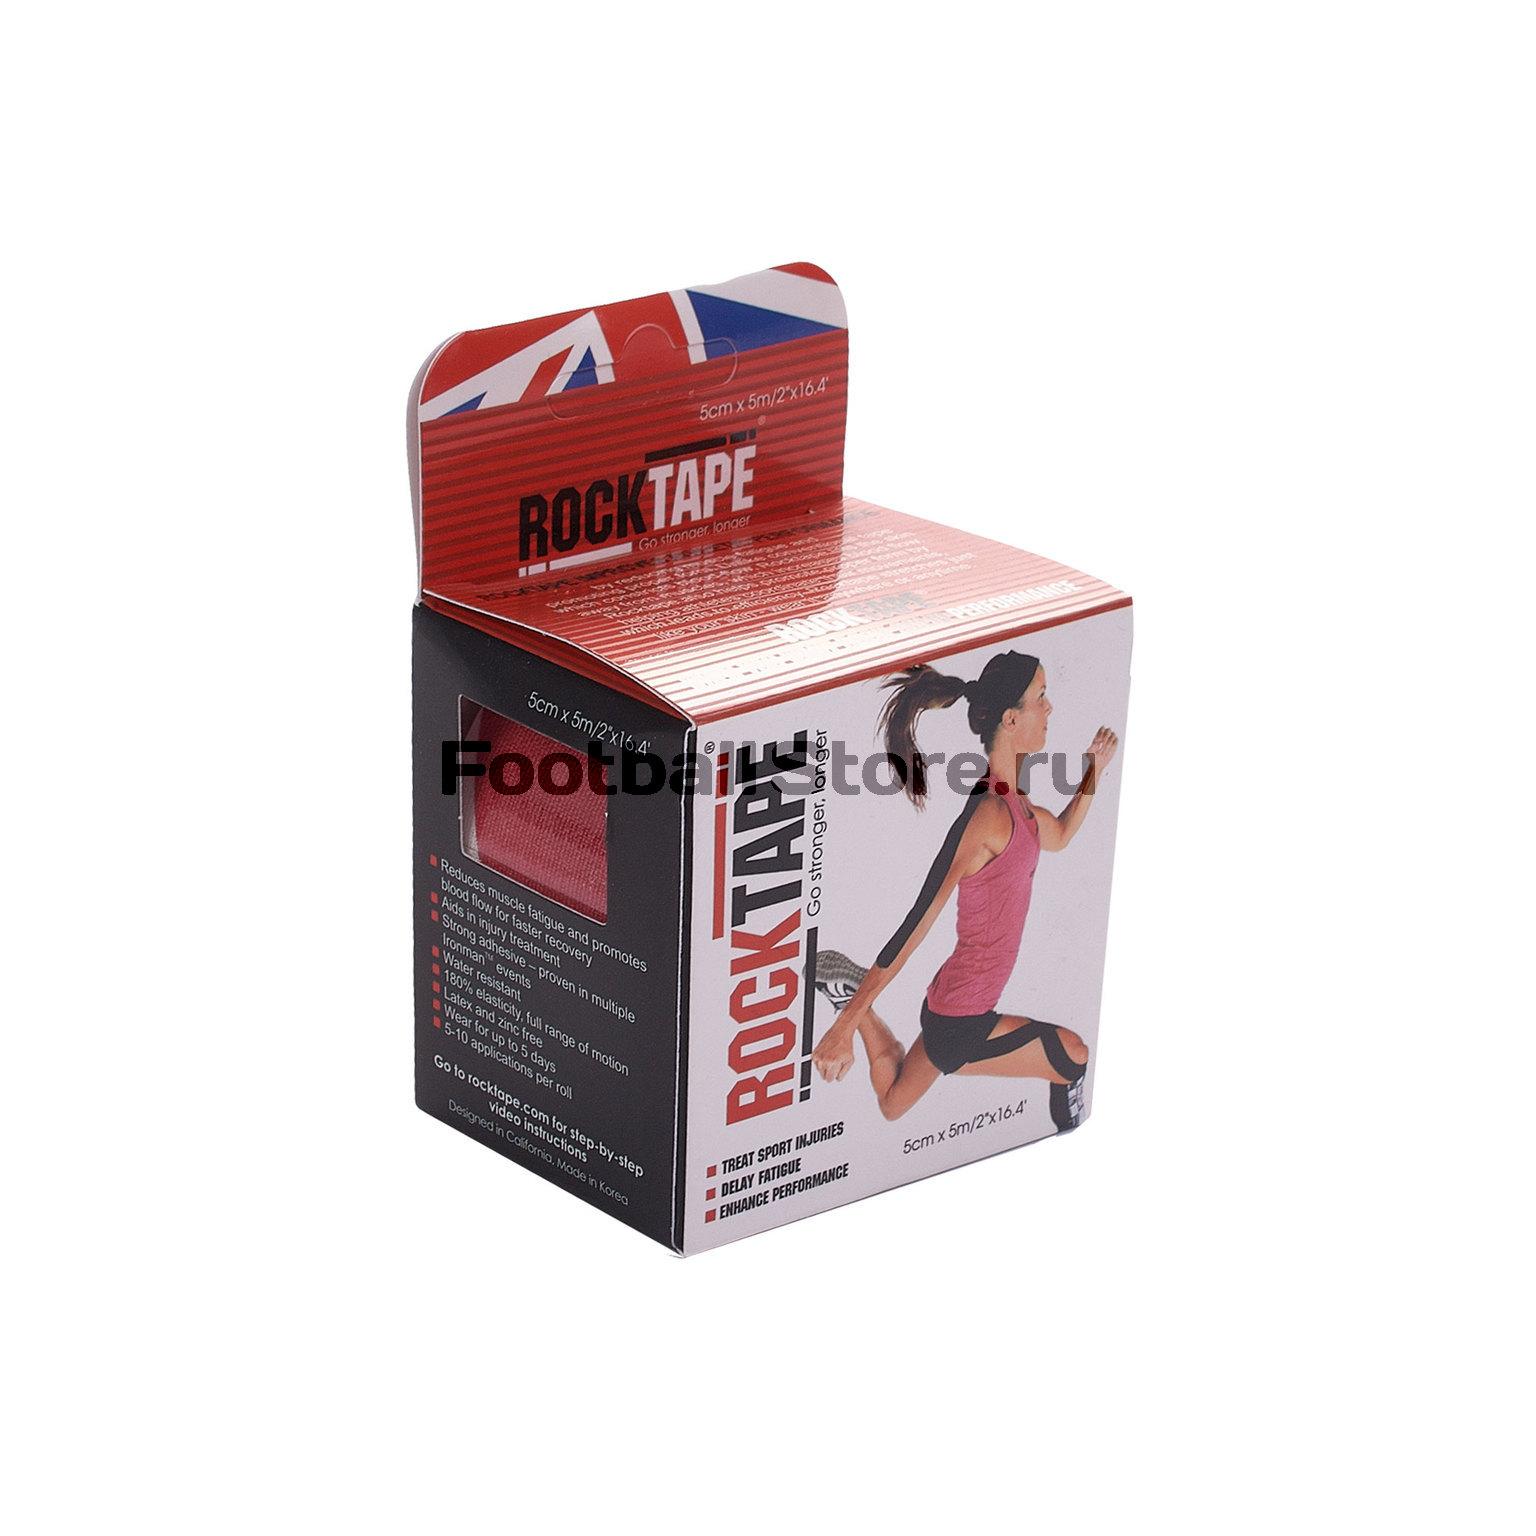 Тейп RockTape Кинезиотейп Design, 5см х 5м, британский флаг rocktape design в горошек 5см х 5м